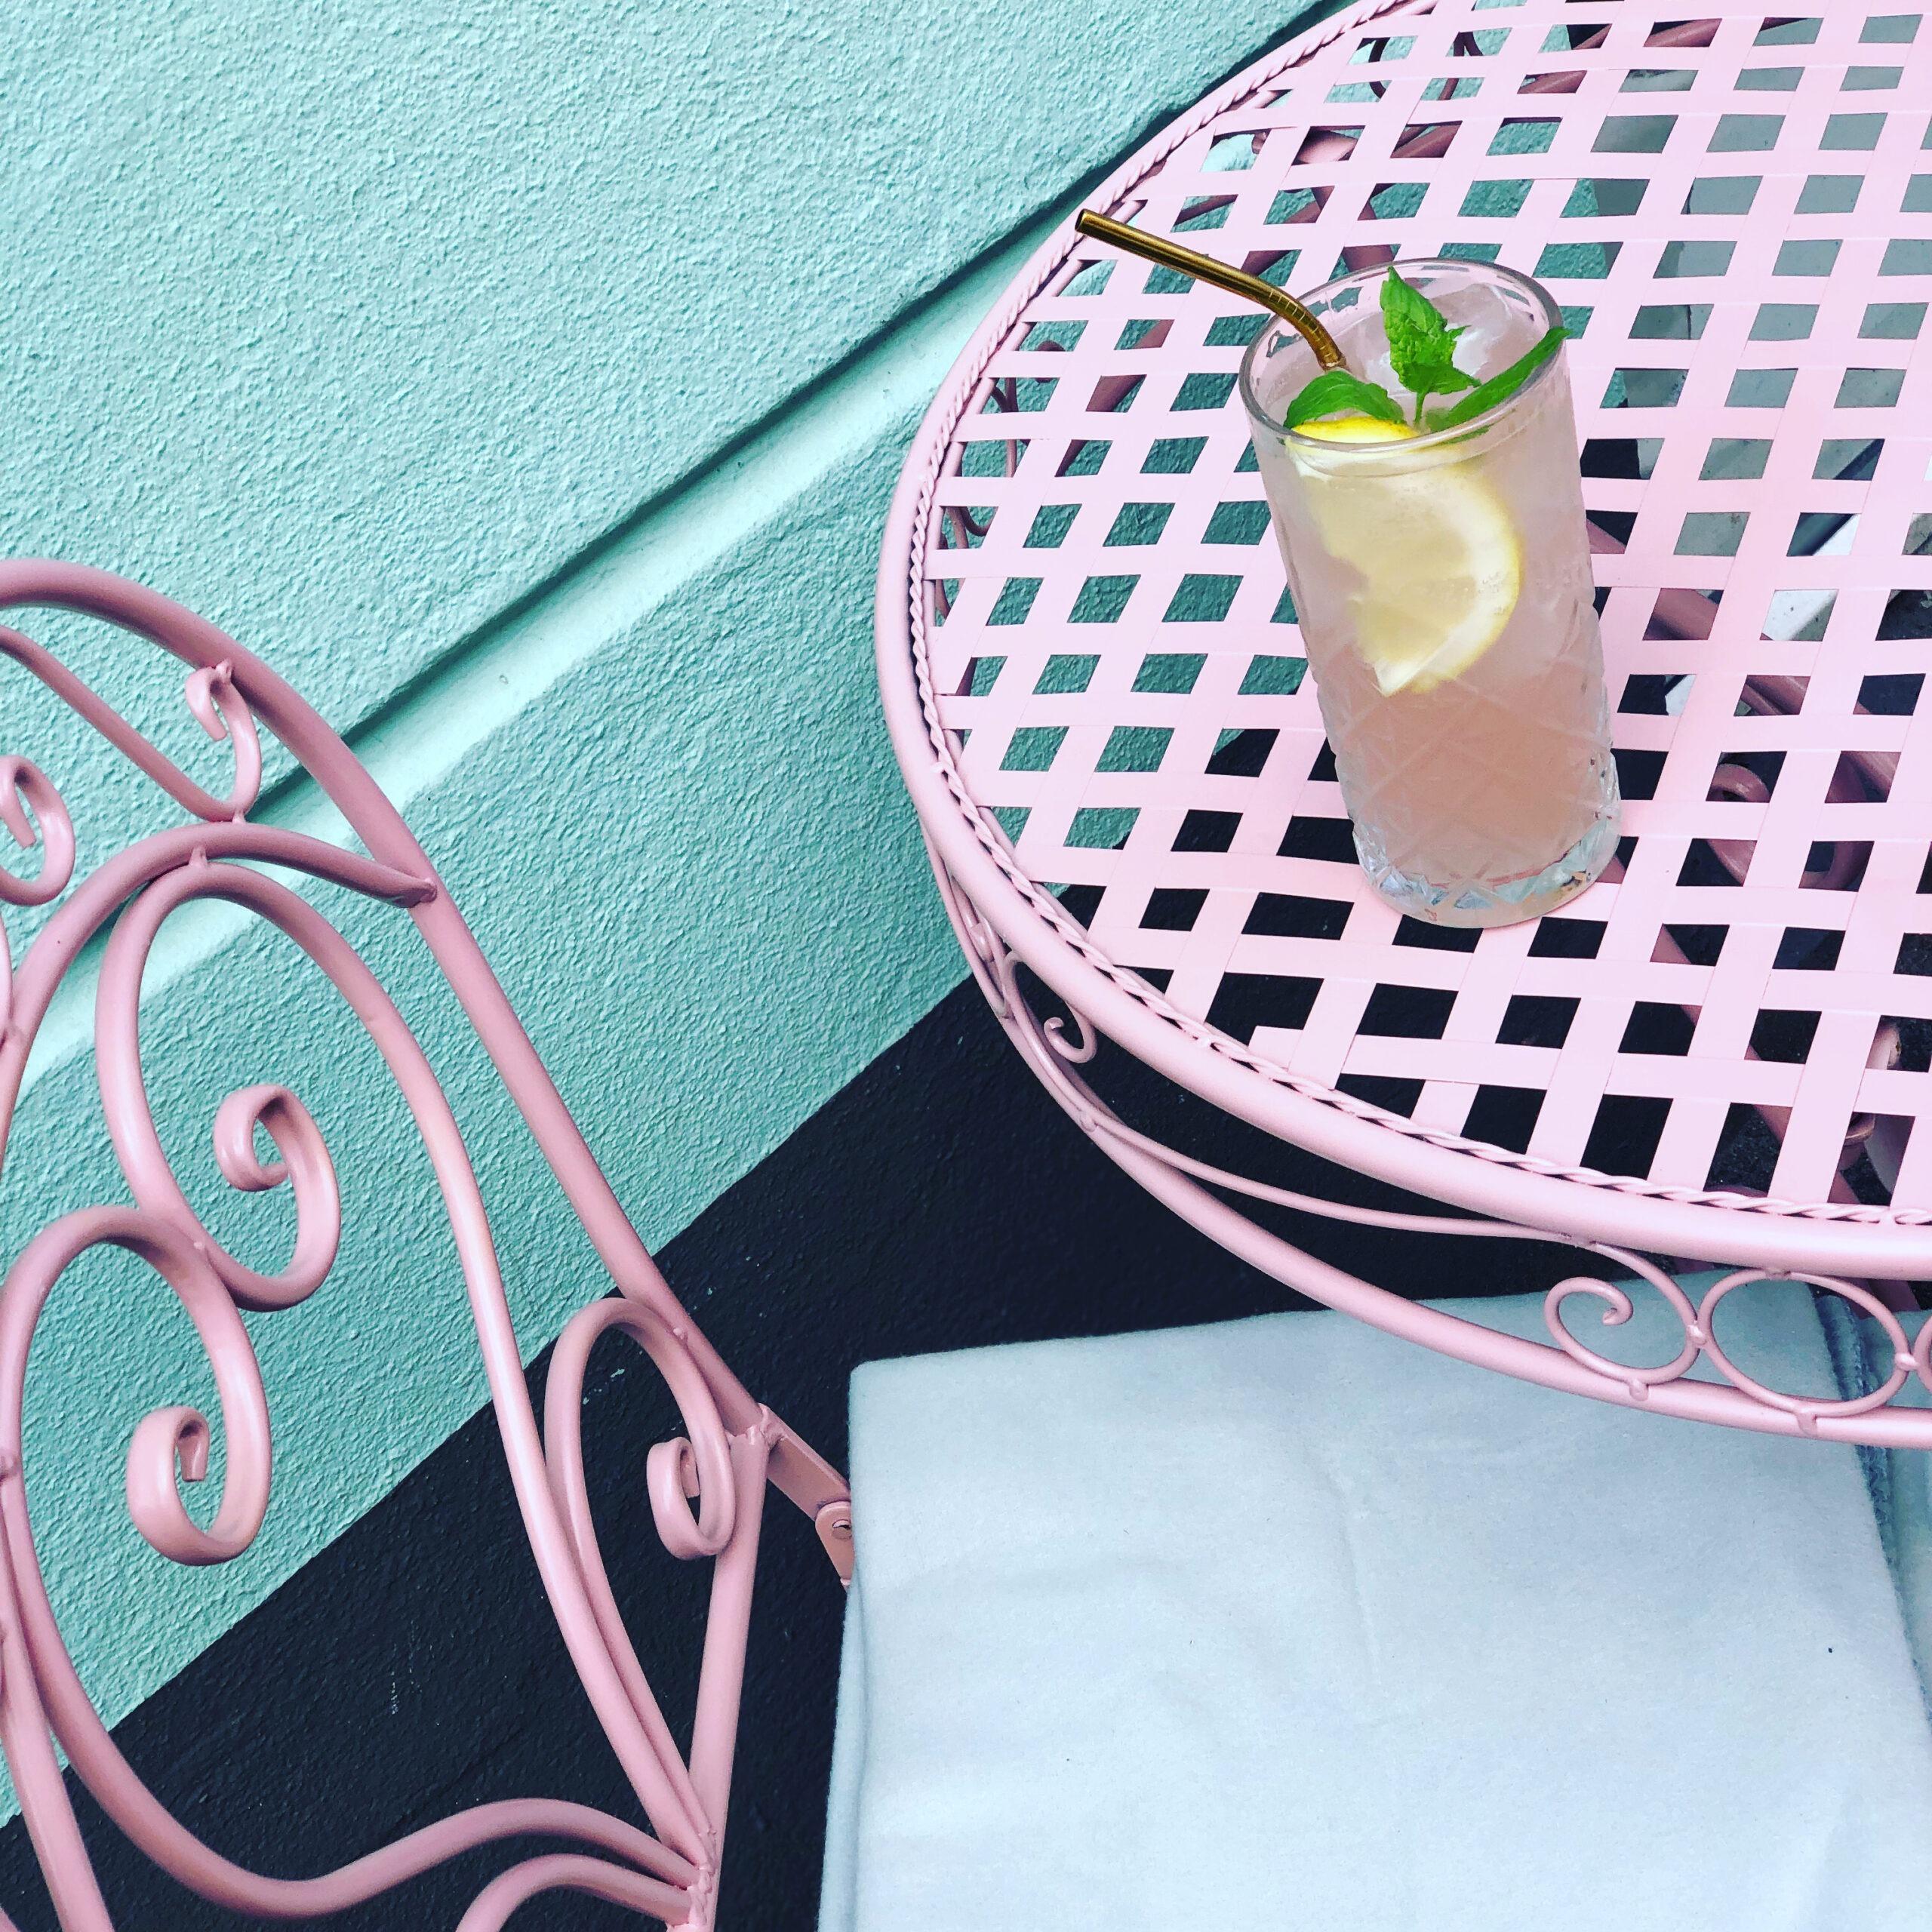 Debbielicious - Nyd en kølig hjemmelavet lemonade inde eller ude i caféen